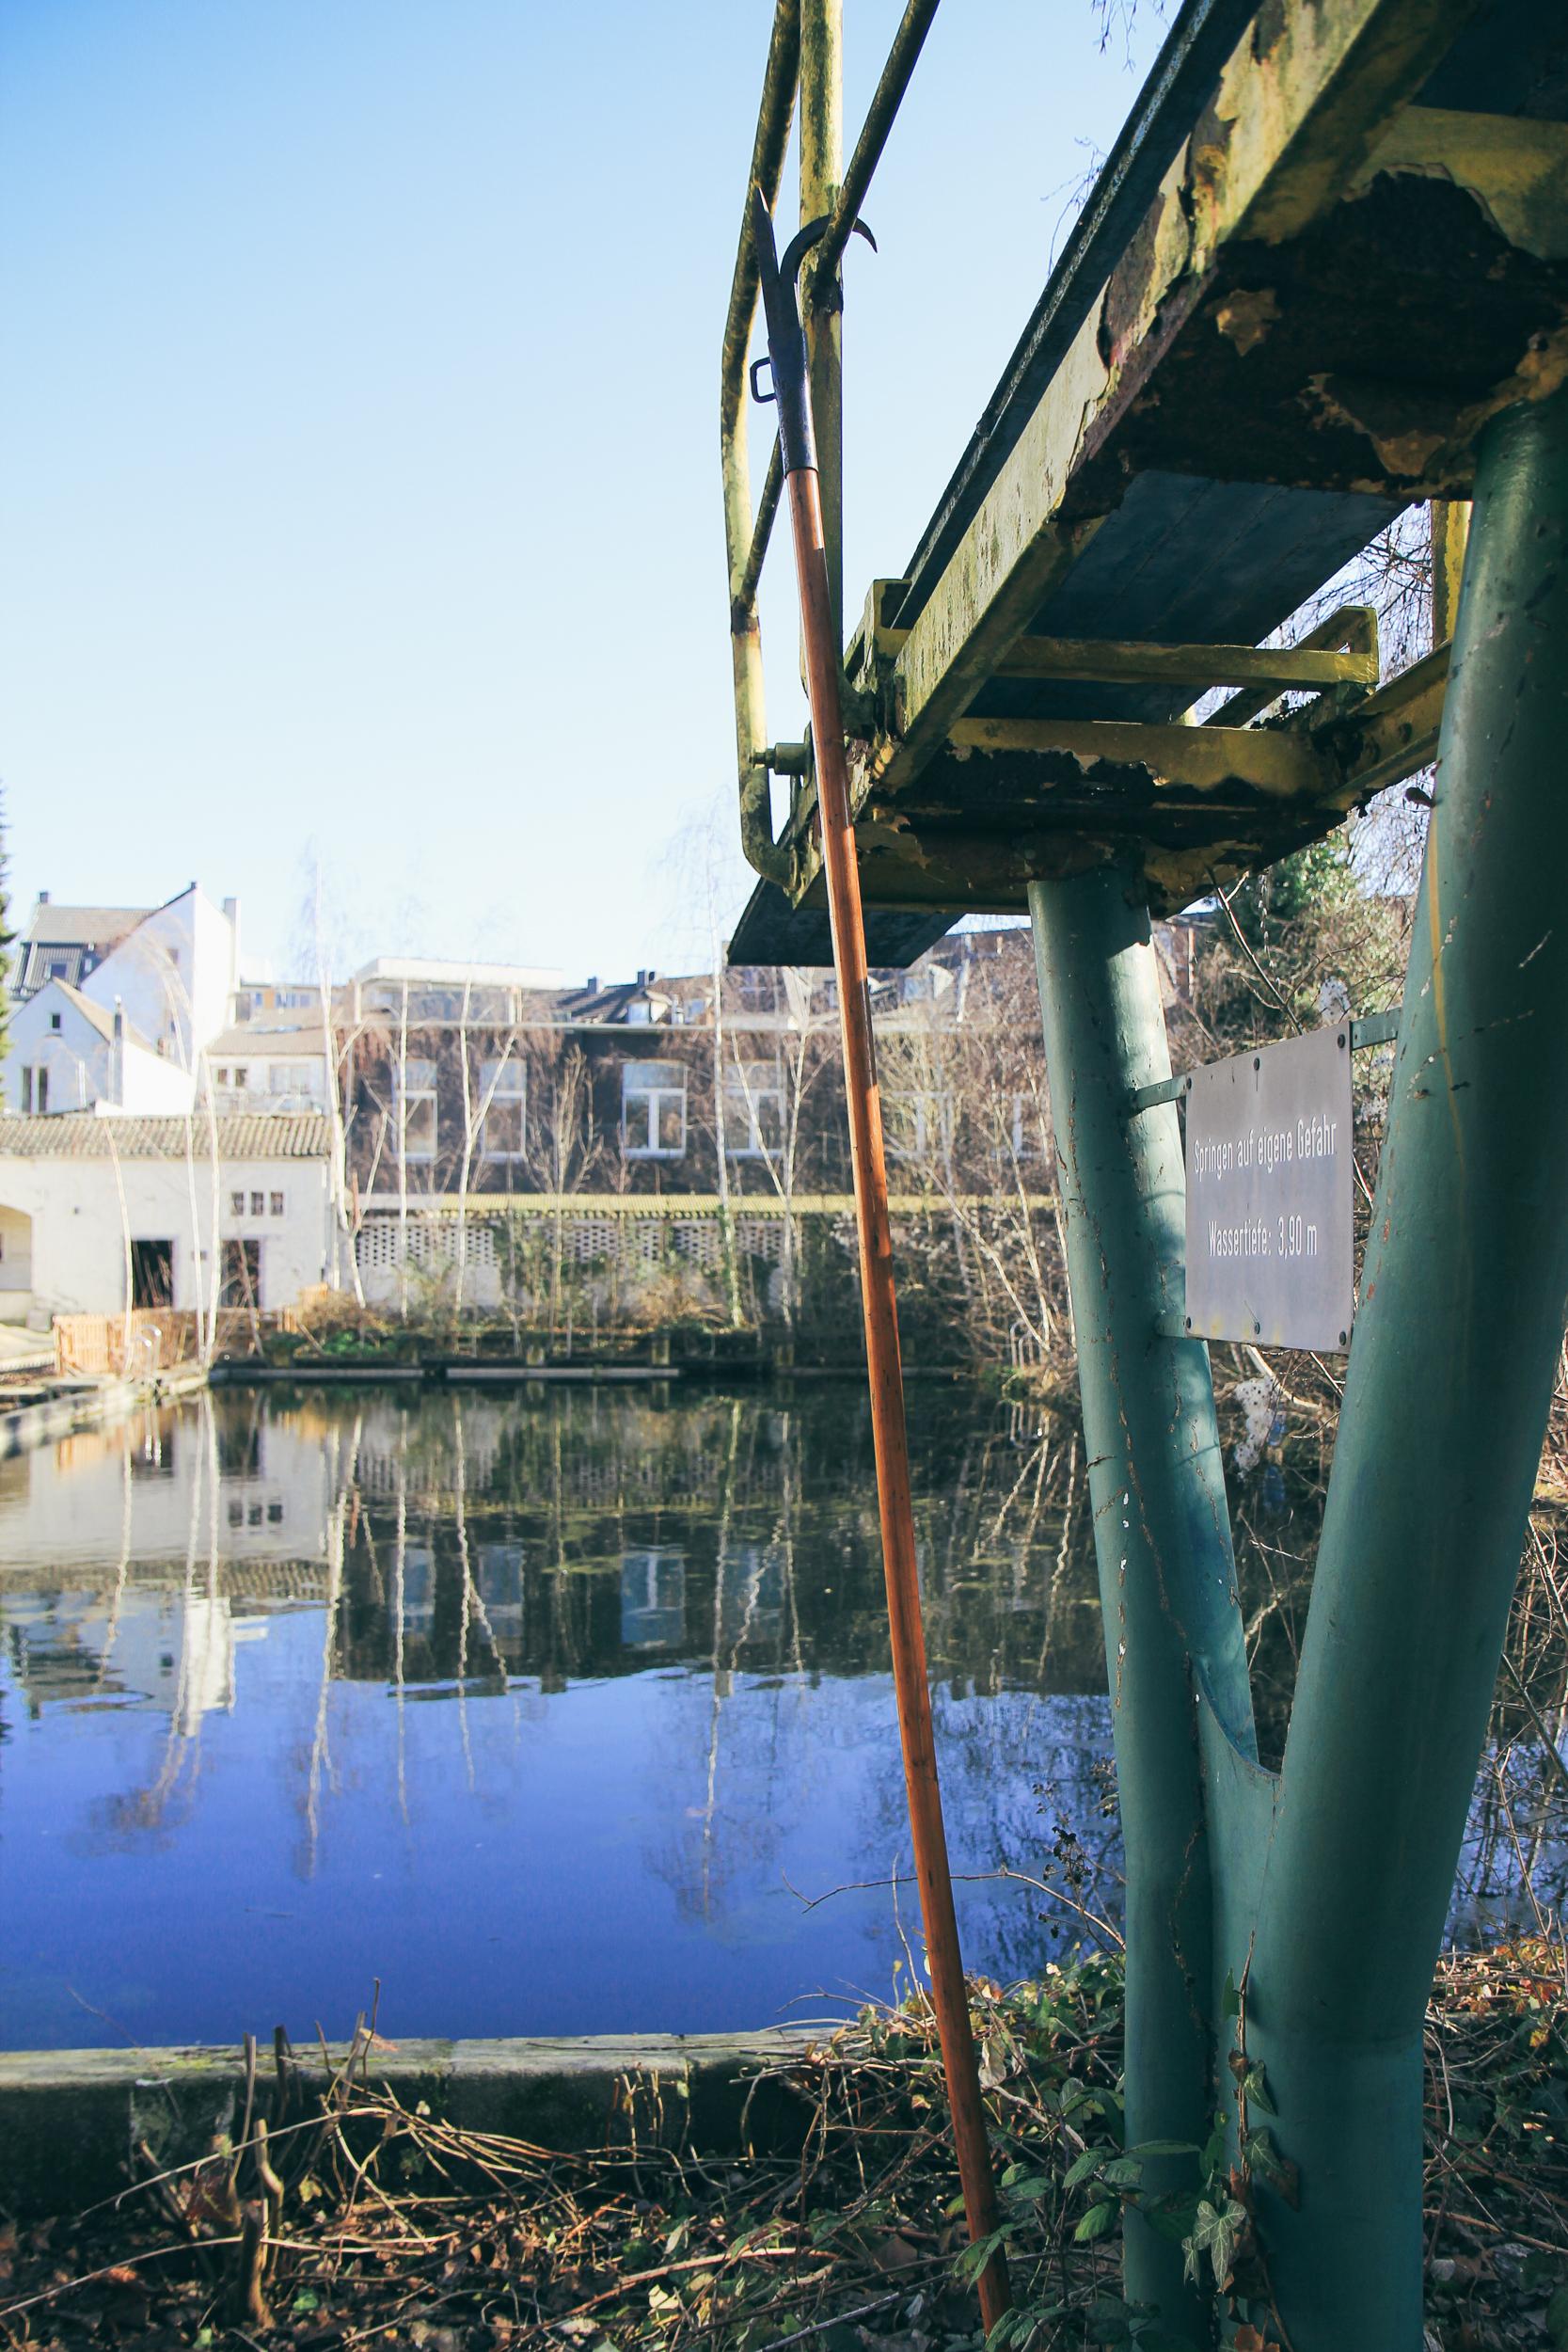 Außenbereich des Stadtbad Krefeld. Man sieht einen alten Sprungturm neben einem Becken.